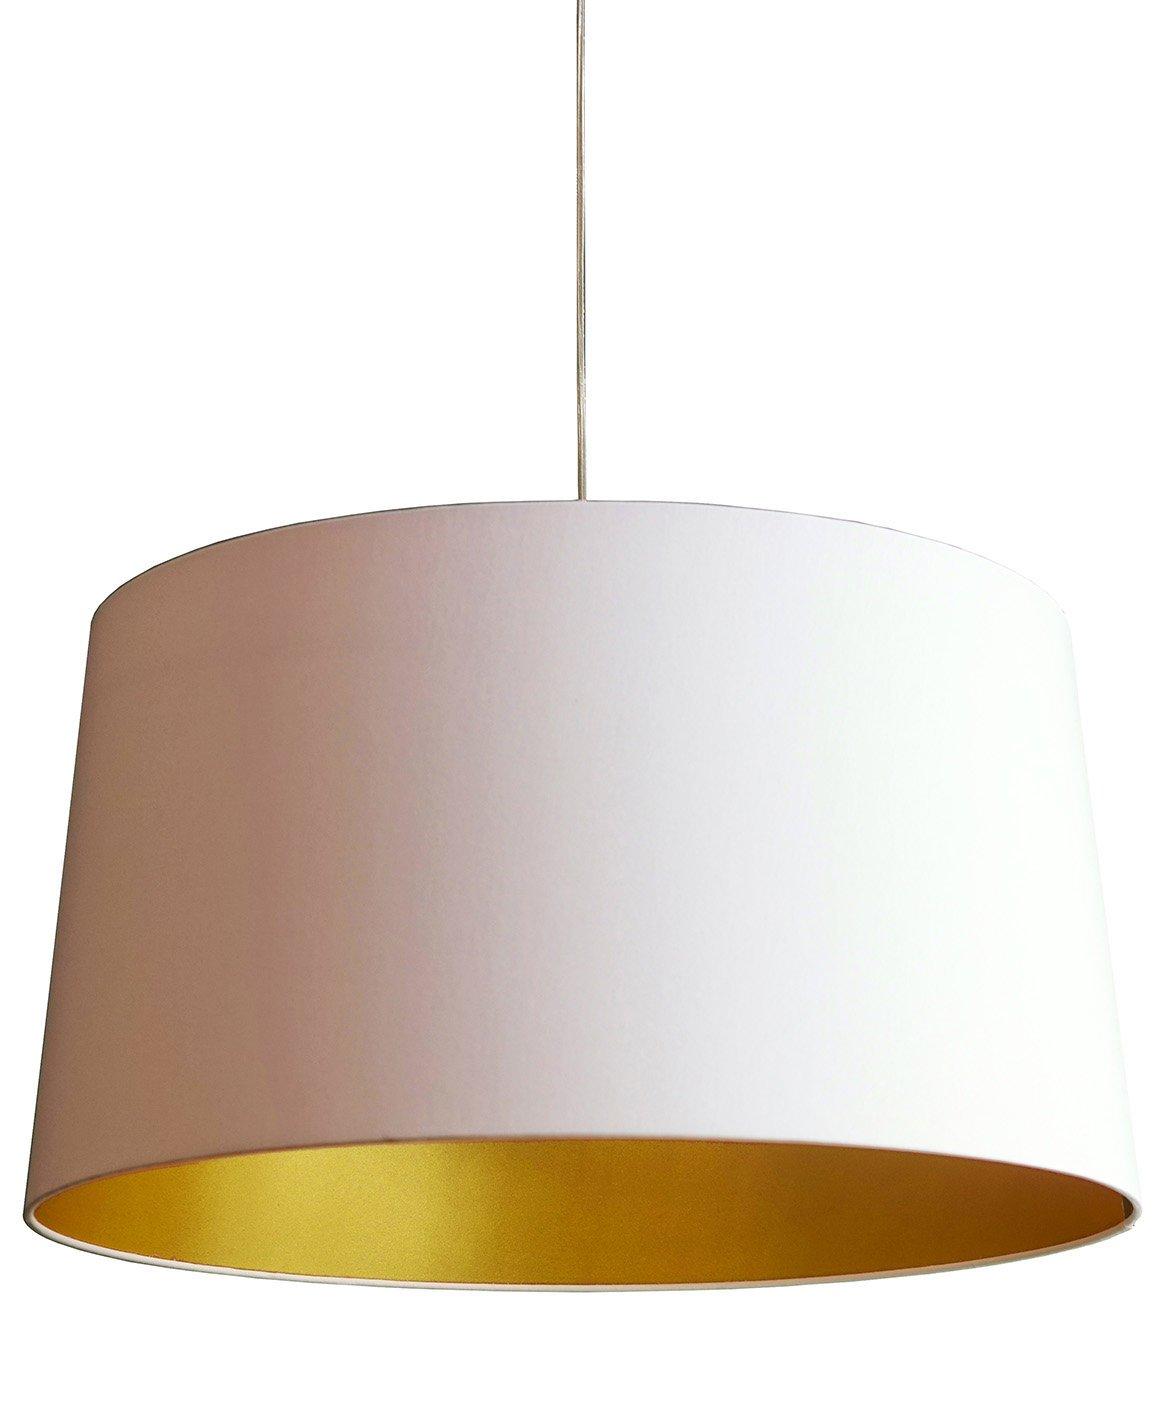 FrauMaier Lea Hängeleuchte - - - gold - Felix S. Mack - Design - Pendelleuchte - Wohnzimmerleuchte 7a88c1